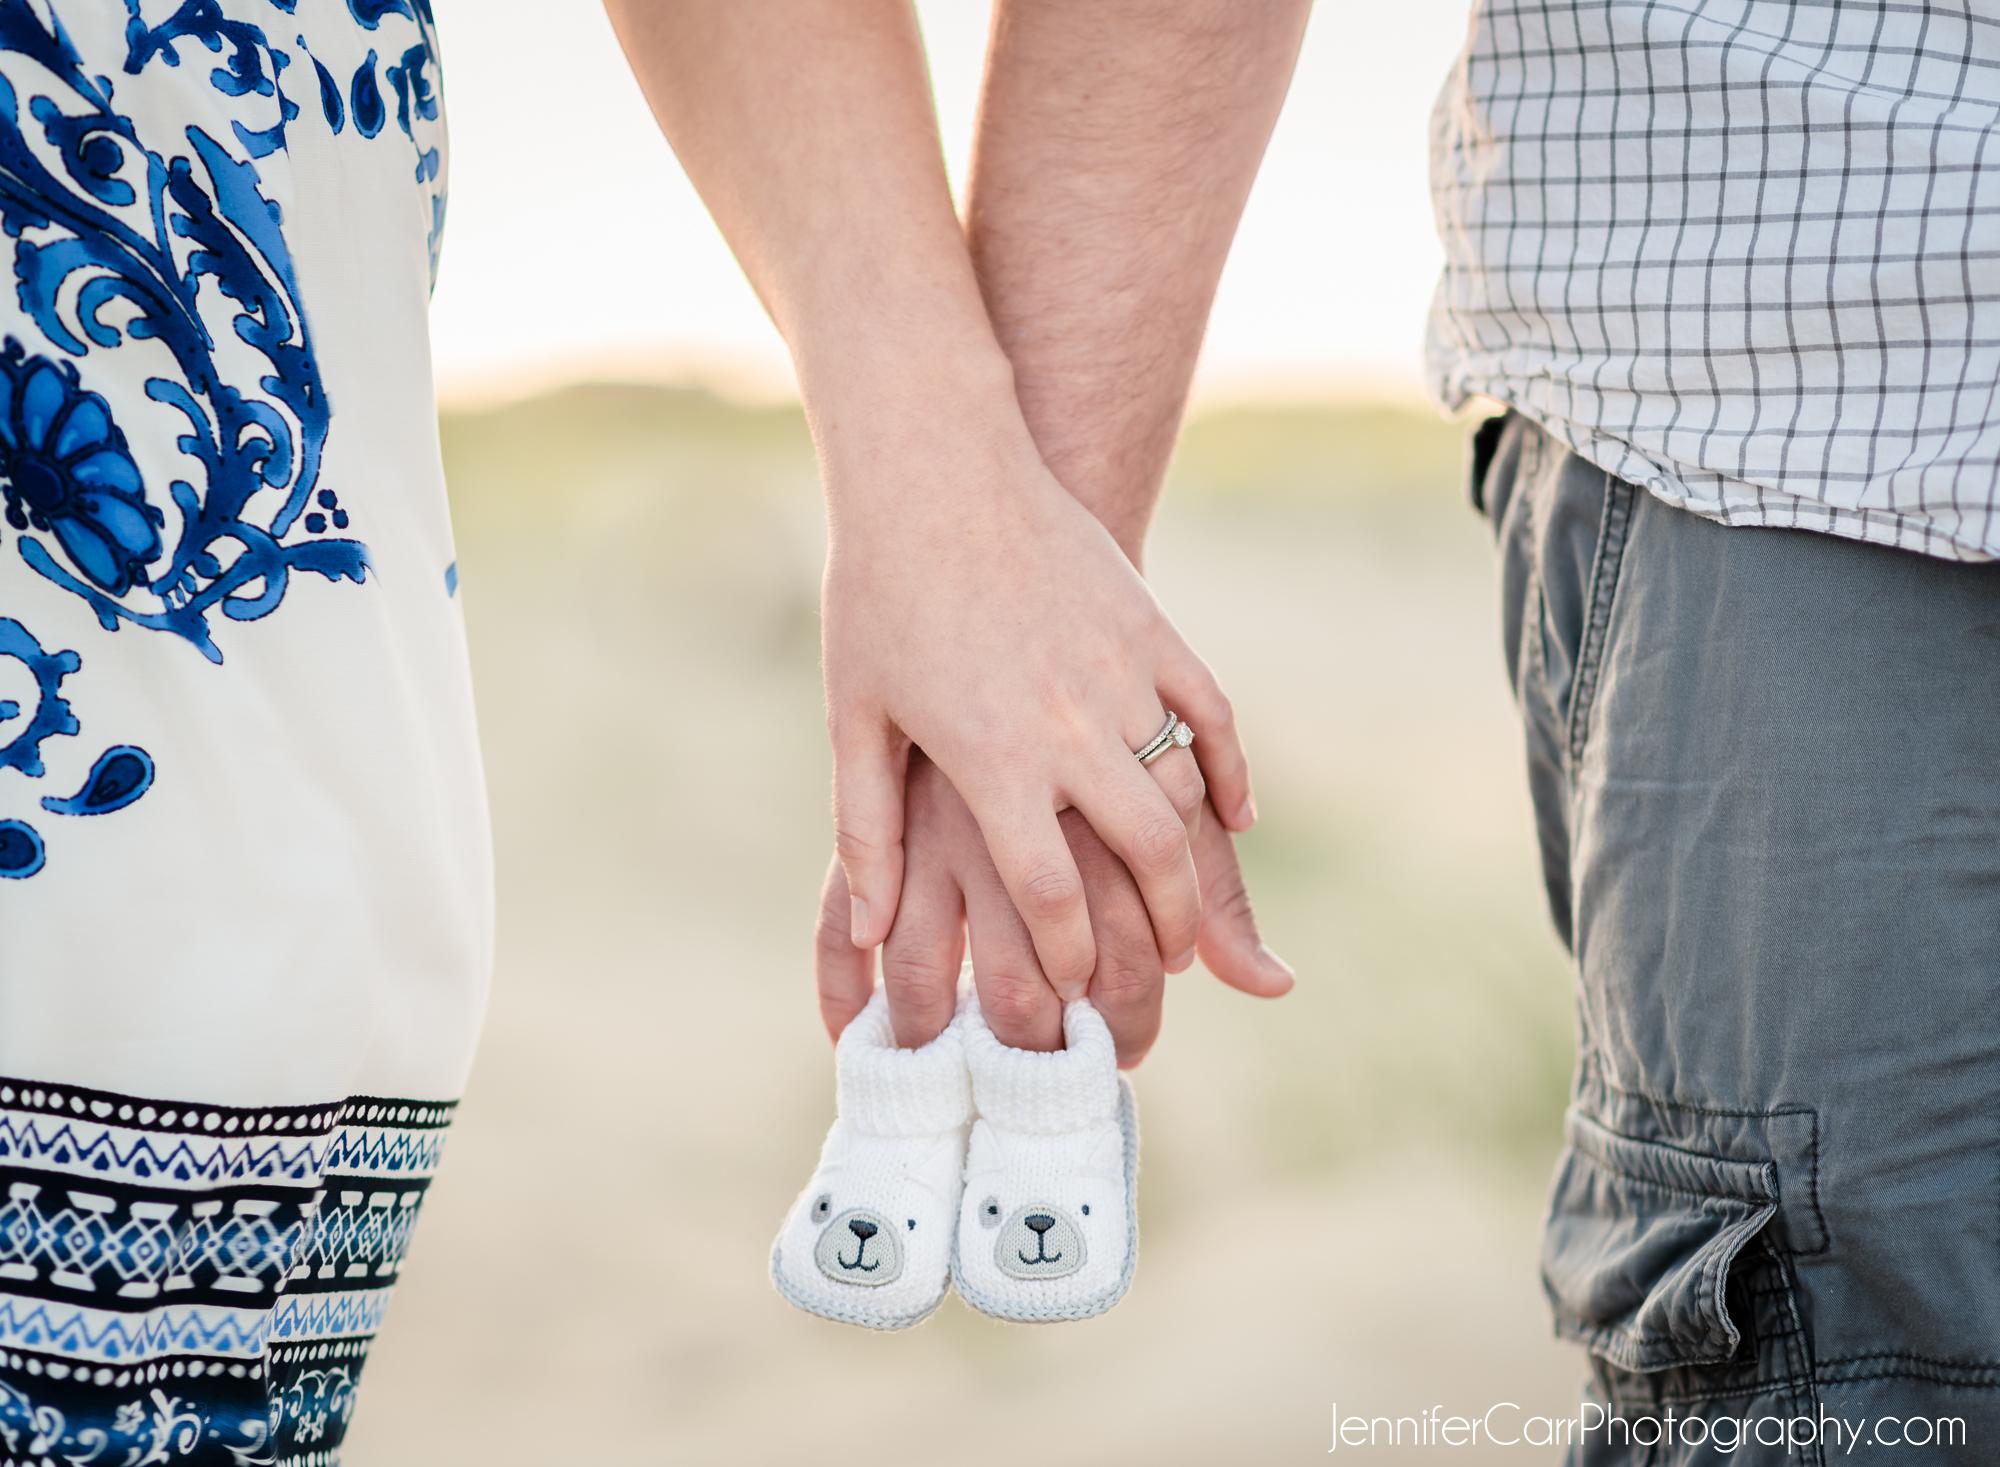 弗吉尼亚海滩全家福,詹妮弗·卡尔摄影,北端照片,情侣摄影,孕妇,怀孕公告